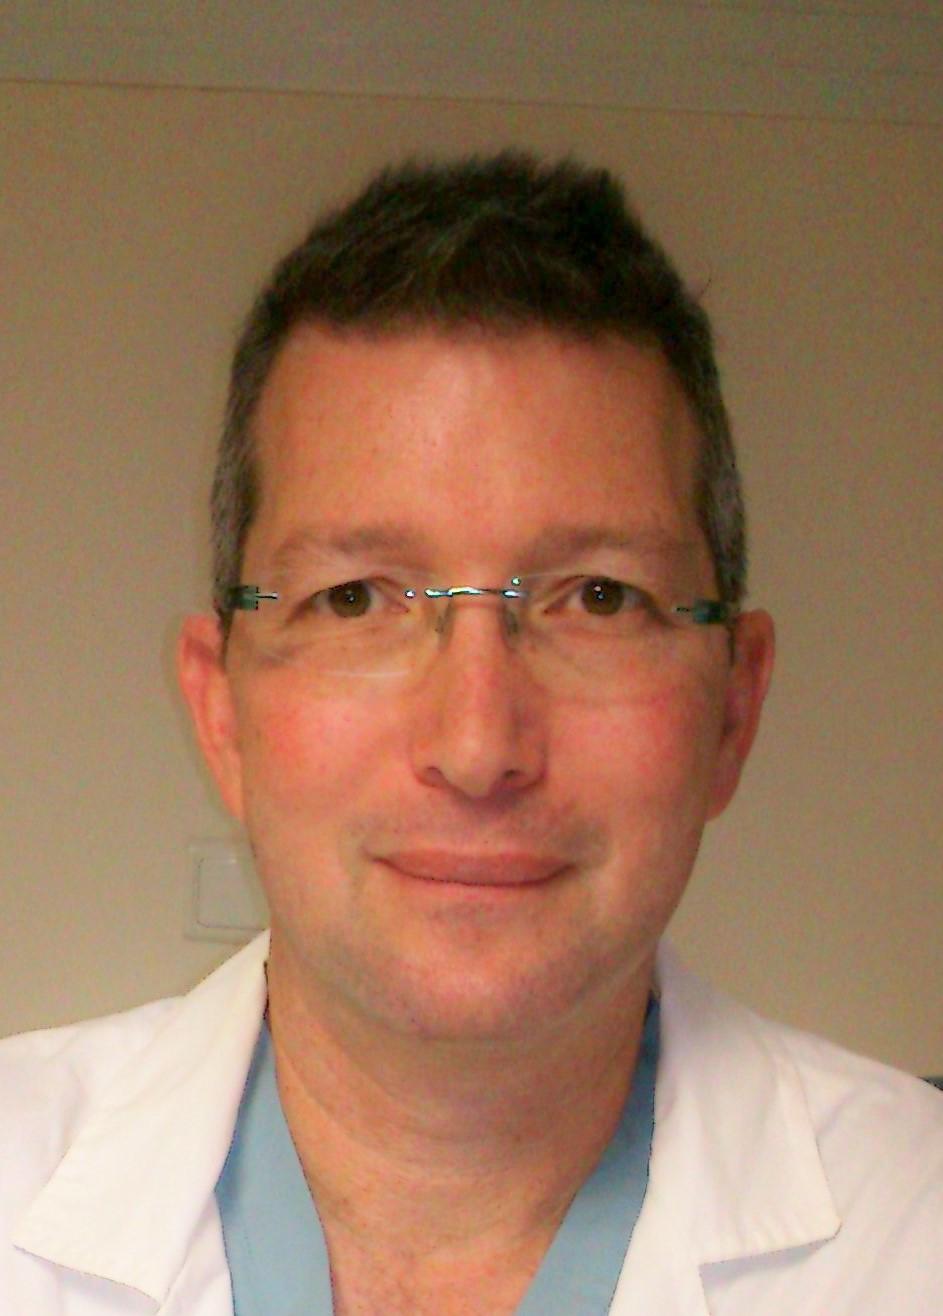 """ד""""ר אורי פרקש מומחה בכירורגיה של היד, מומחה בכירורגיה אורתופדית"""